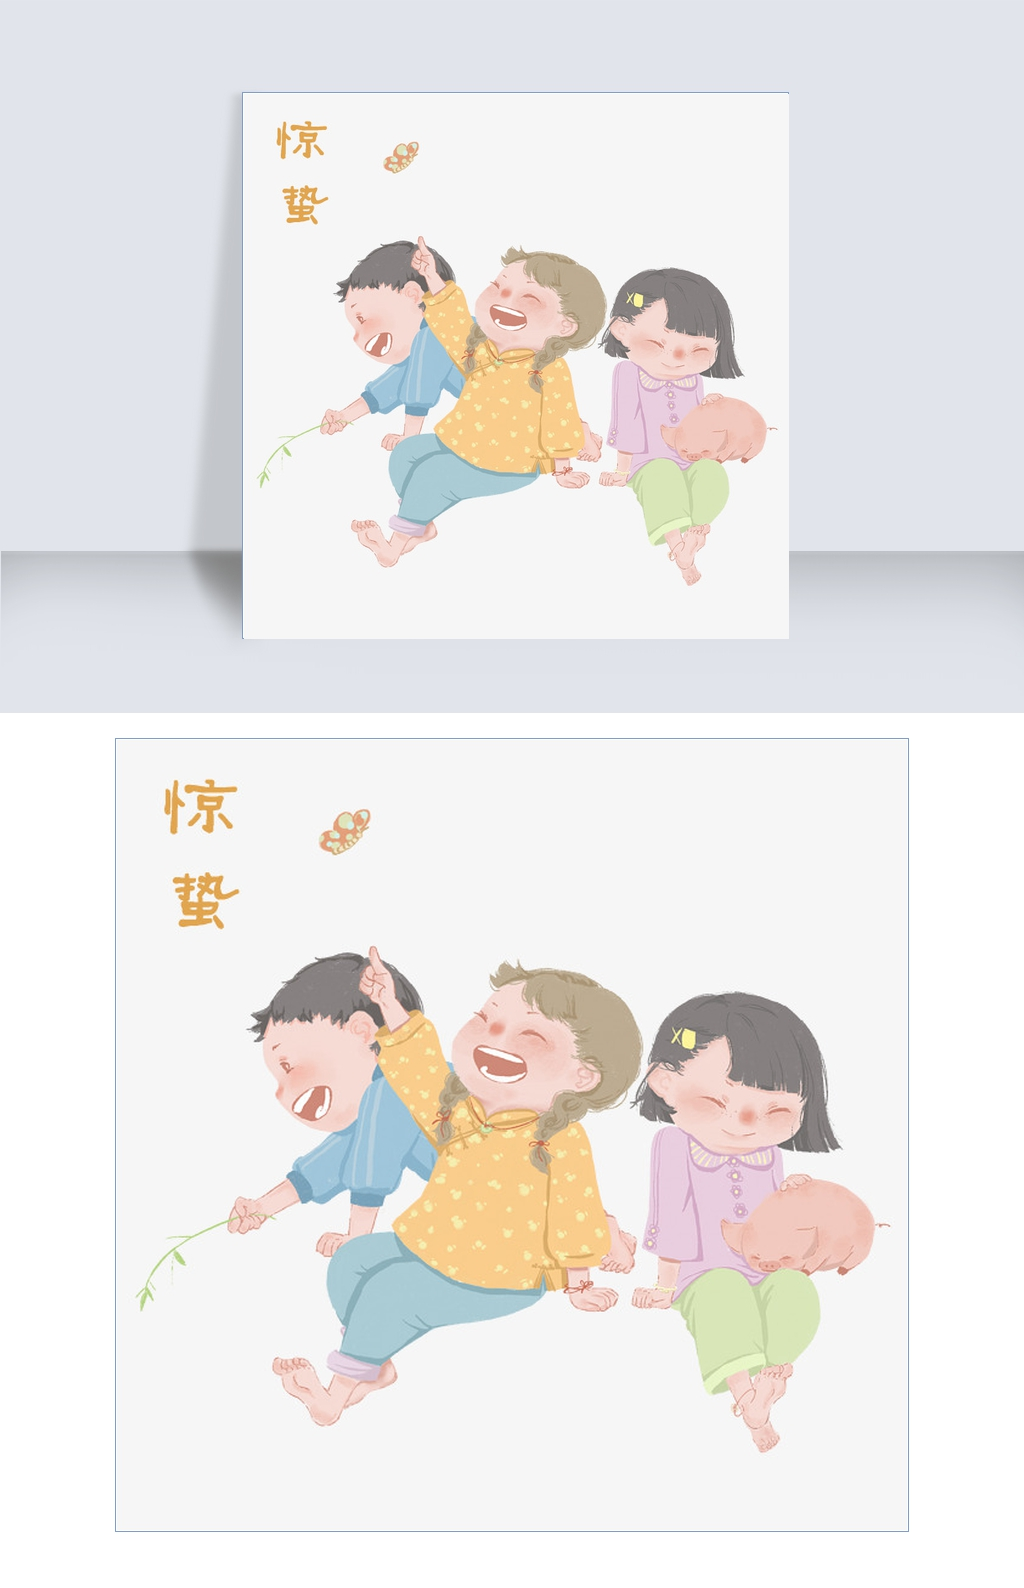 2019年手绘中国风24节气惊蛰图片素材 PSB格式 下载 动漫人物大全